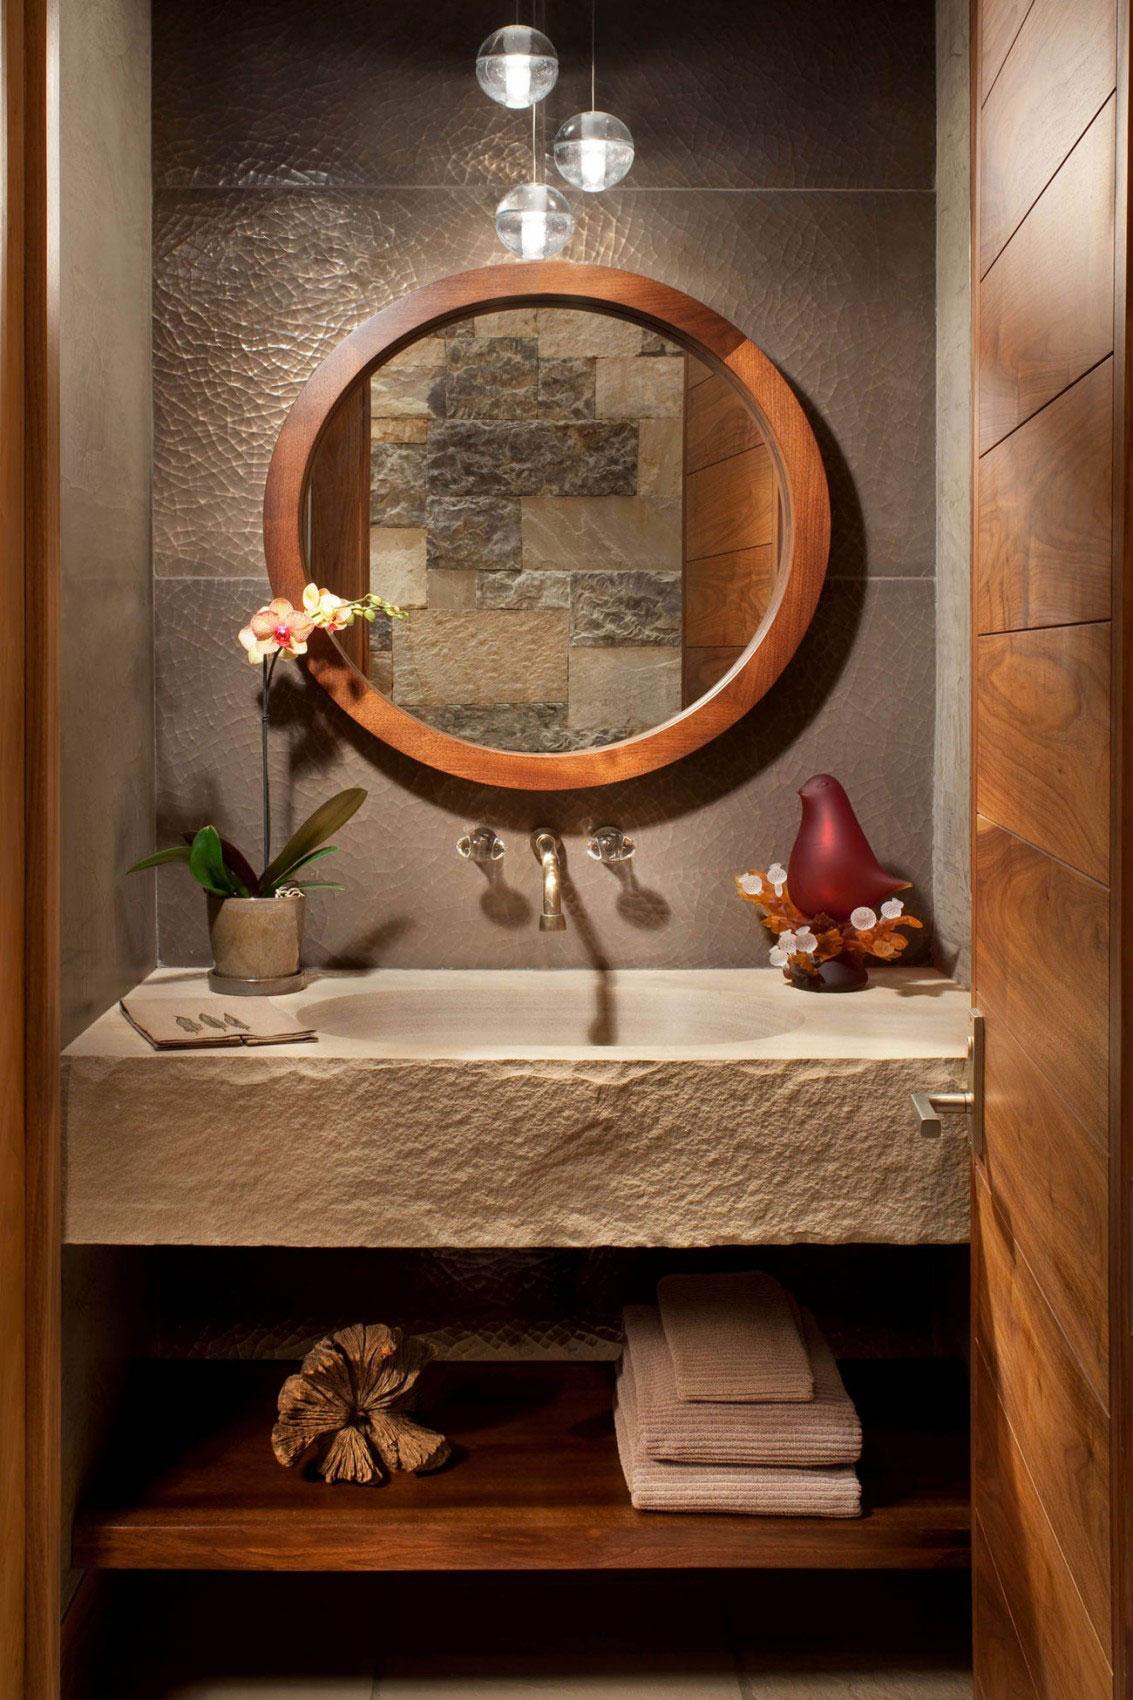 Magiskt rustikt hem designat av Suman Architects 10 Magiskt rustikt hem designat av Suman Architects